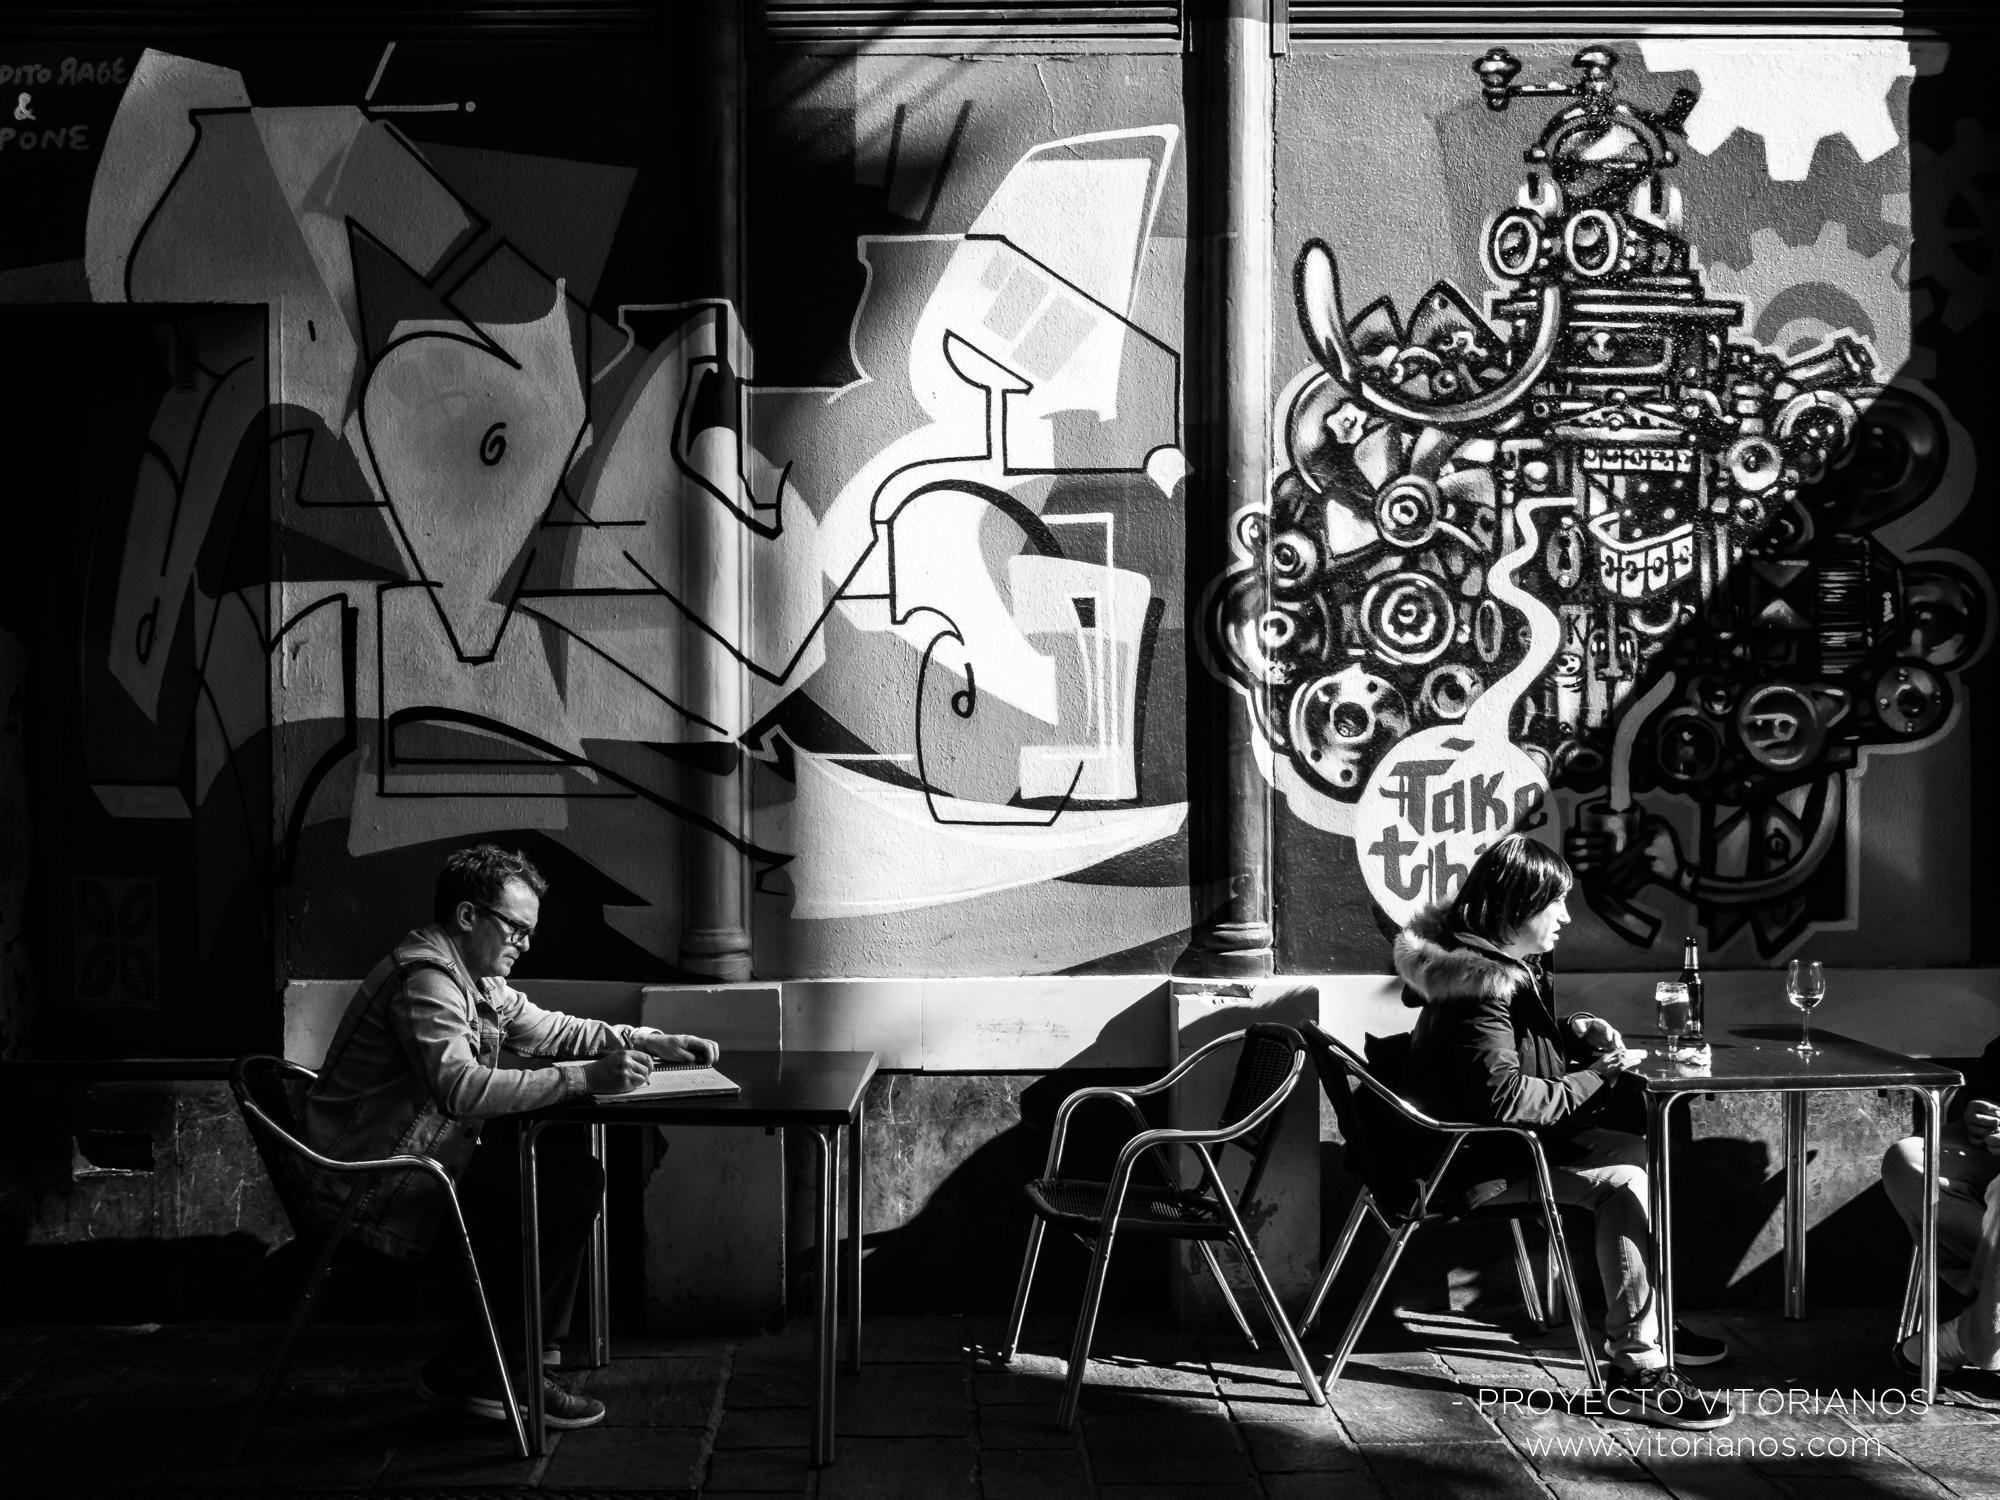 Vitoriano escribiendo en una terraza - Foto: Sandra Sastre